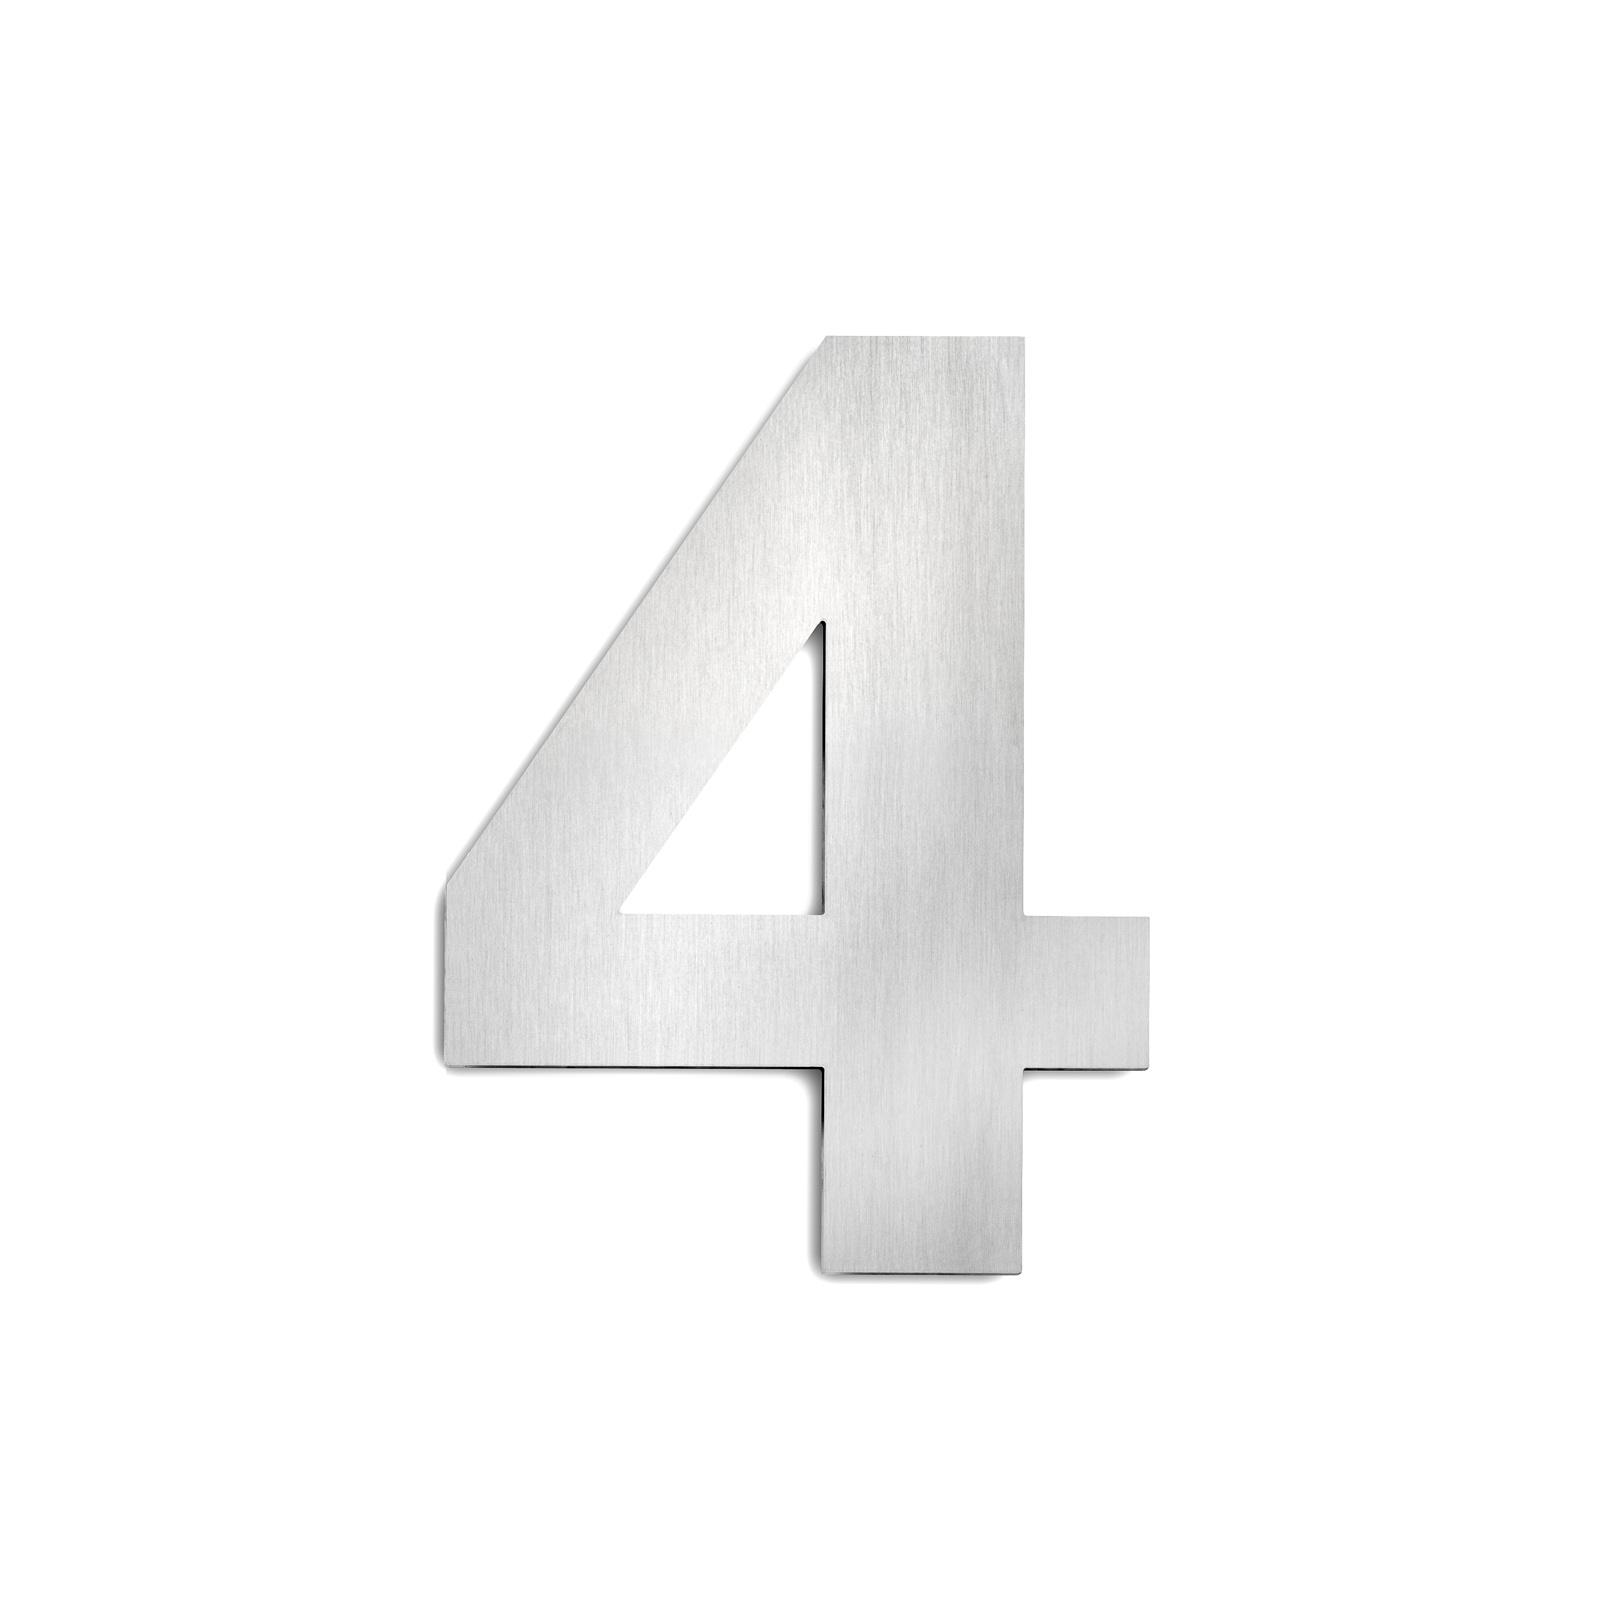 Domovní čísla z ušlechtilé oceli velikost 4